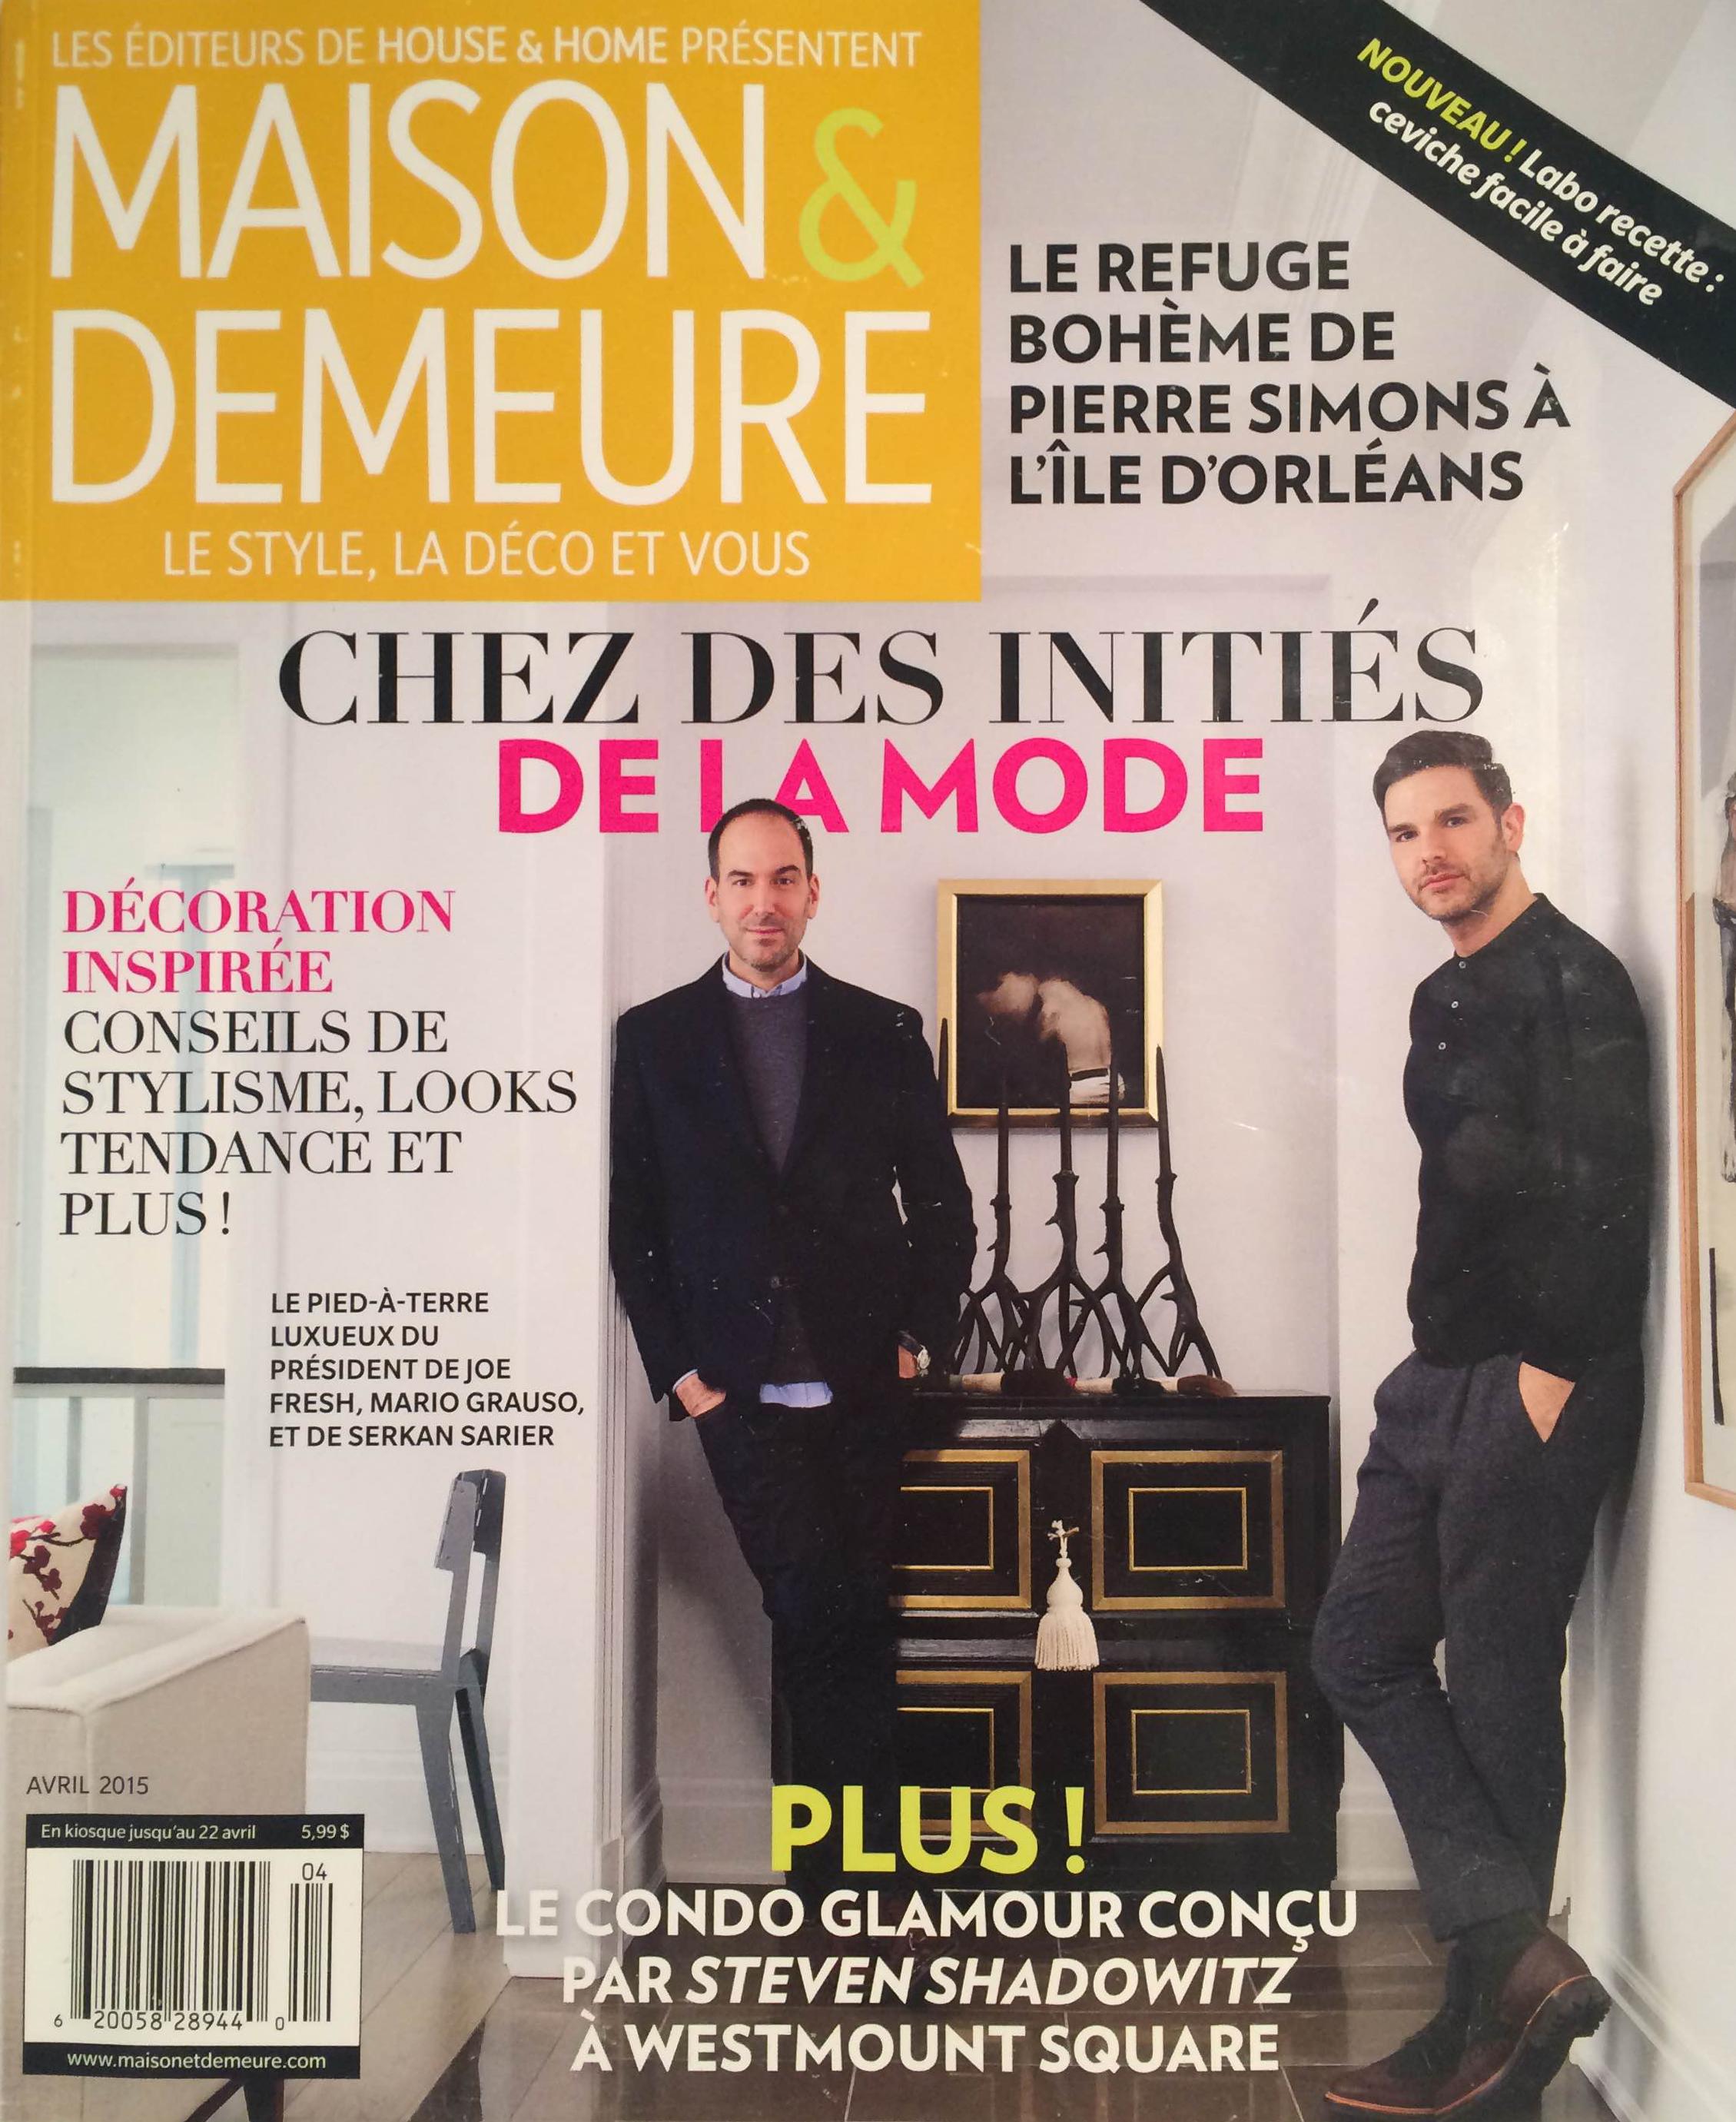 Maison & Demeure, 2015 (1/2)